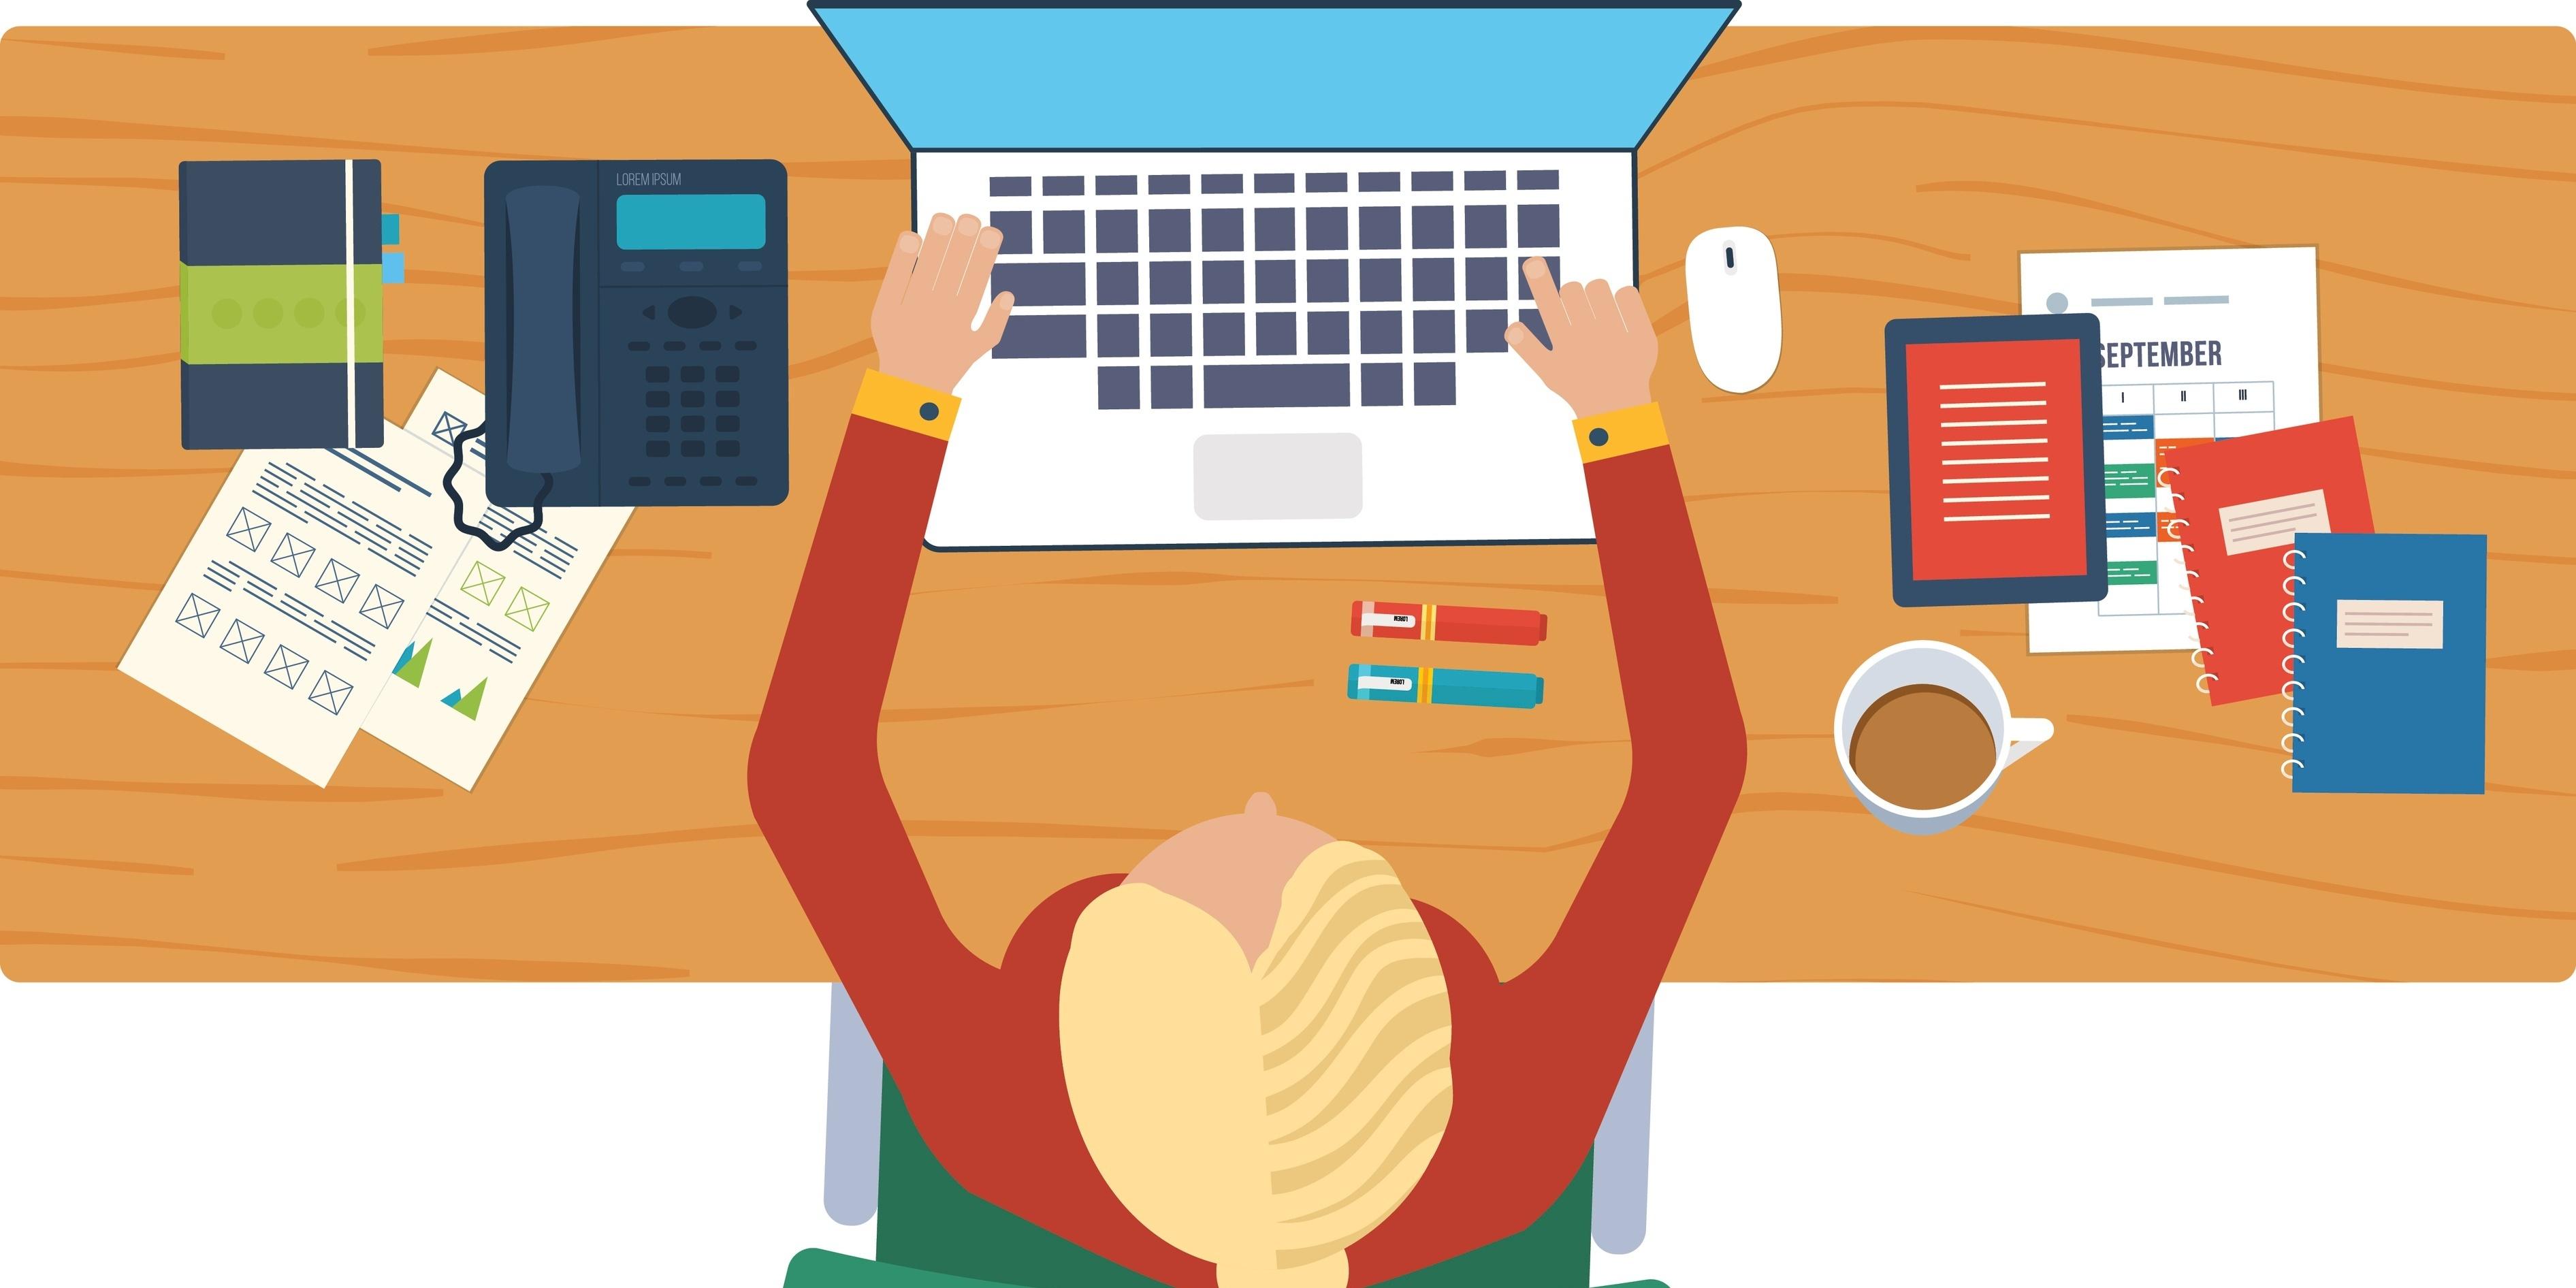 Cómo mandar propuestas comerciales por correo electrónico [7 Plantillas Gratis]